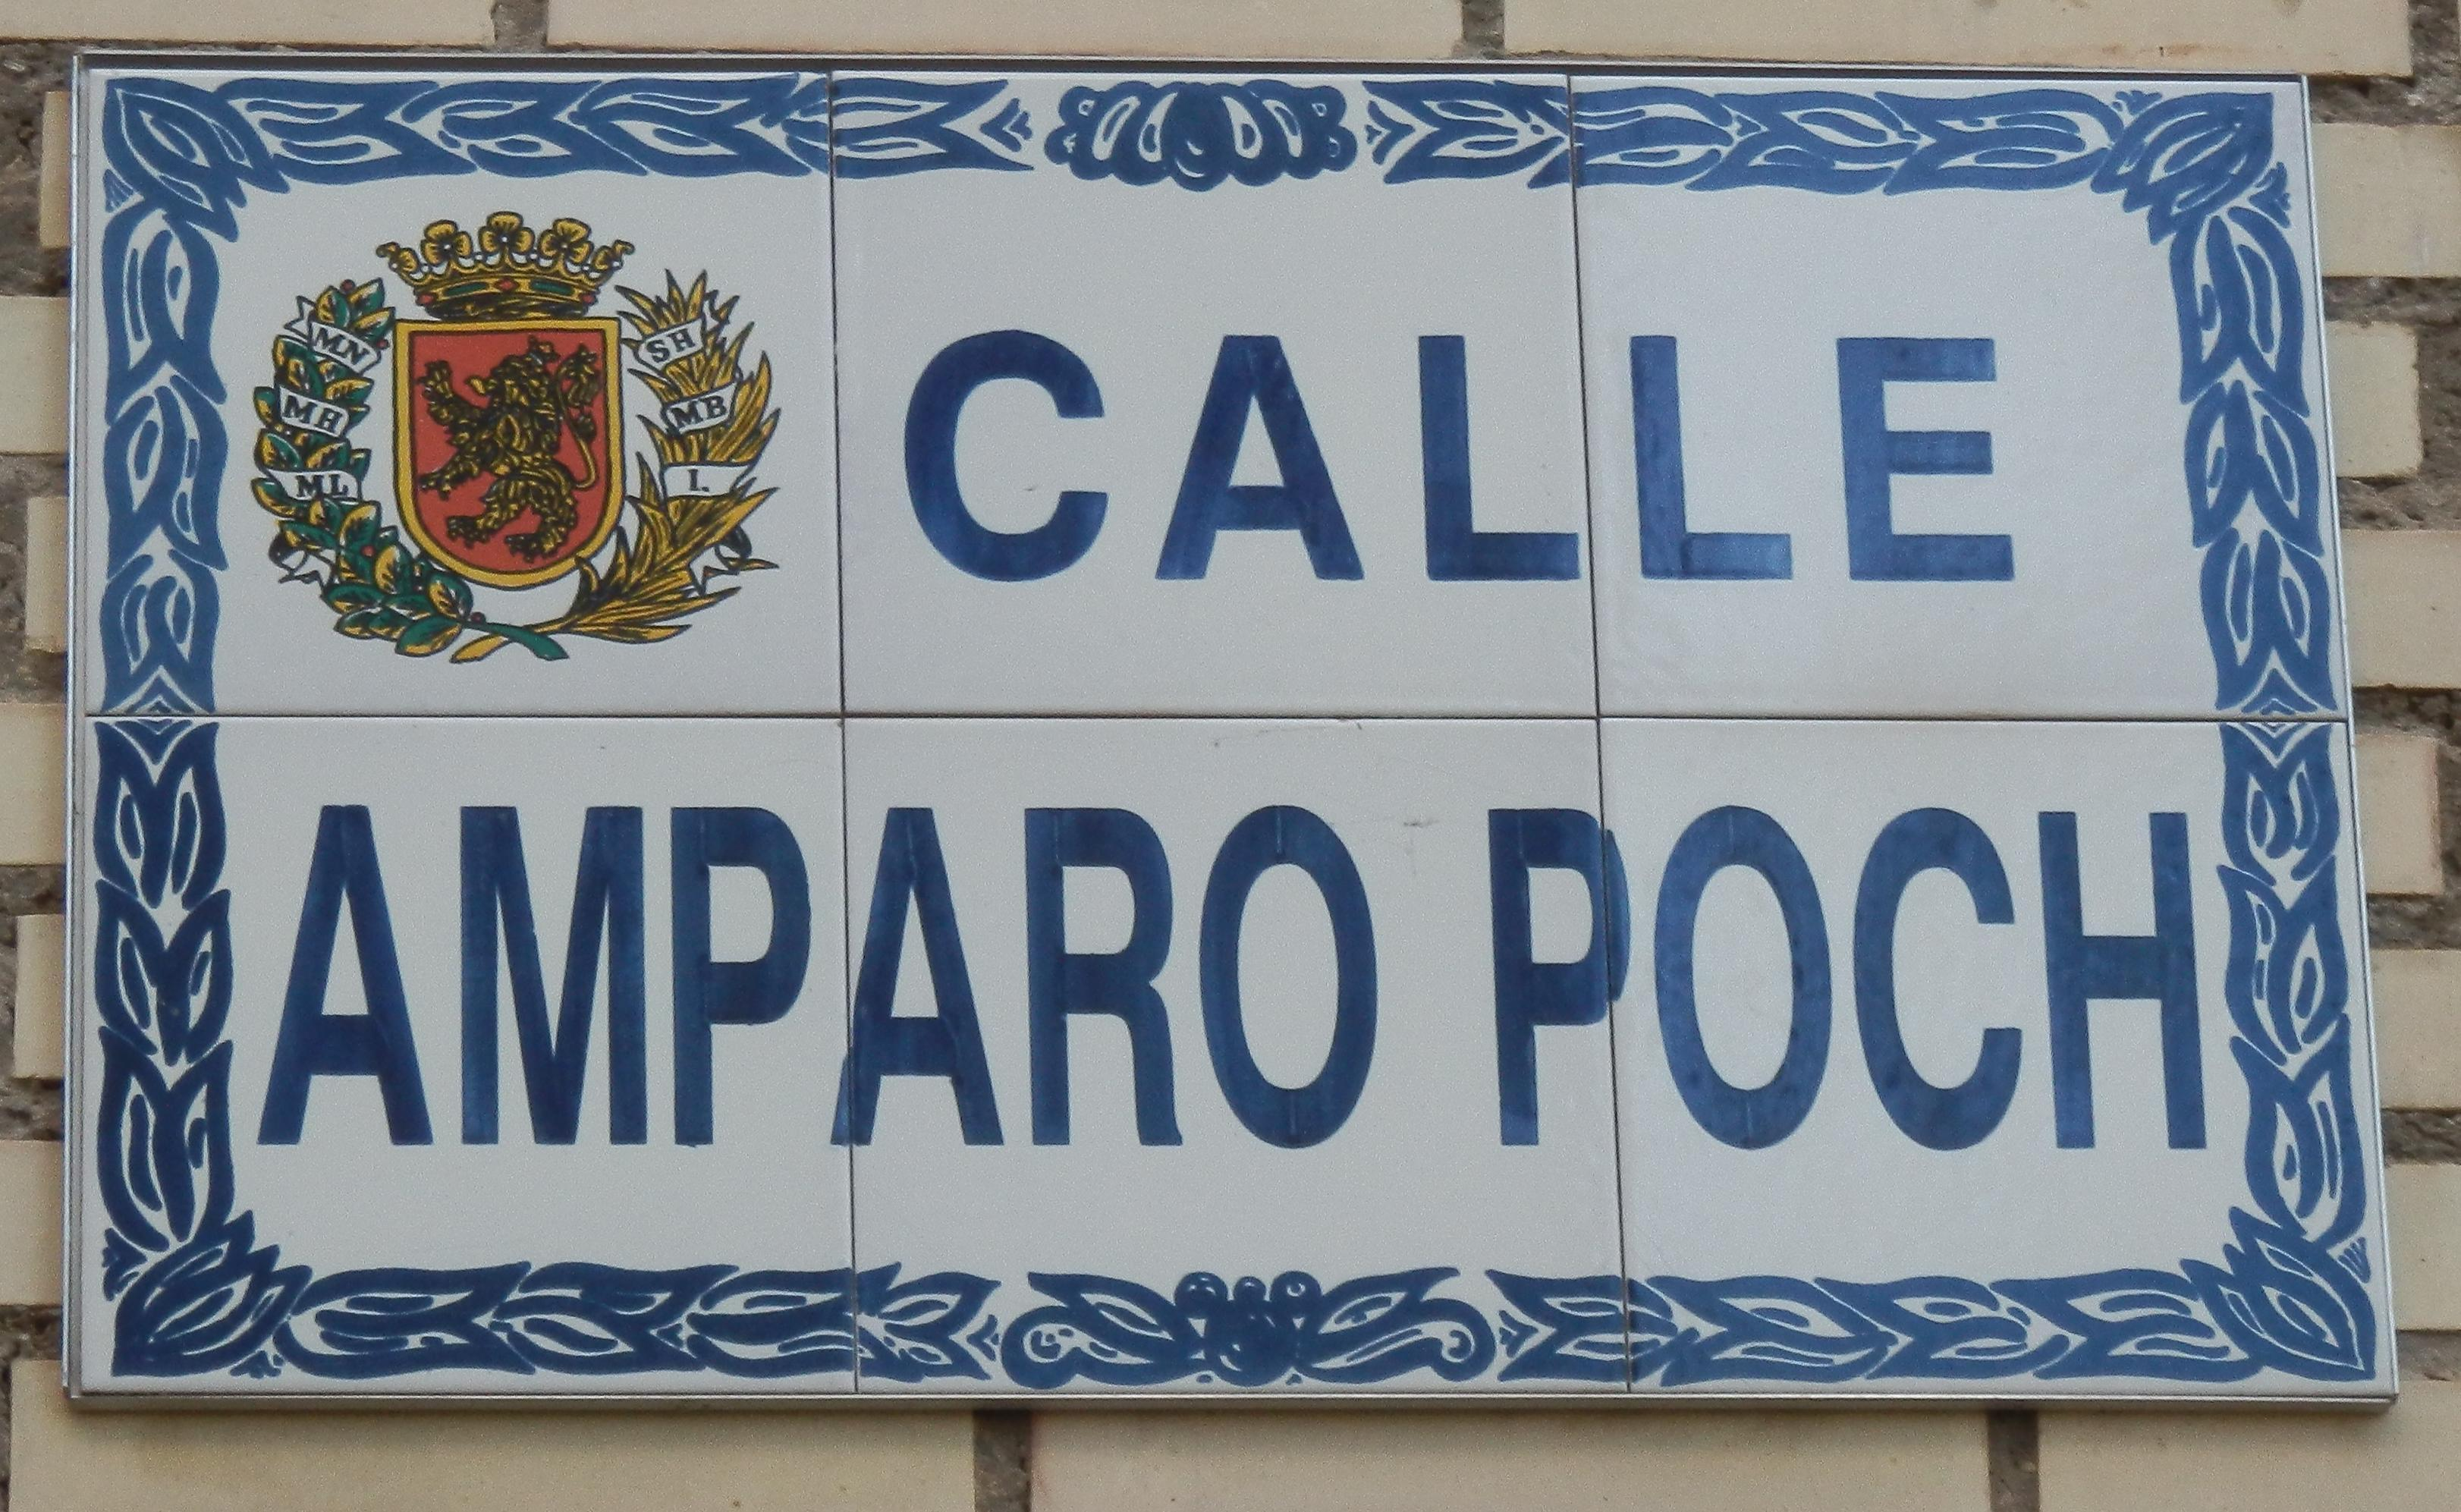 Calle Amparo Poch